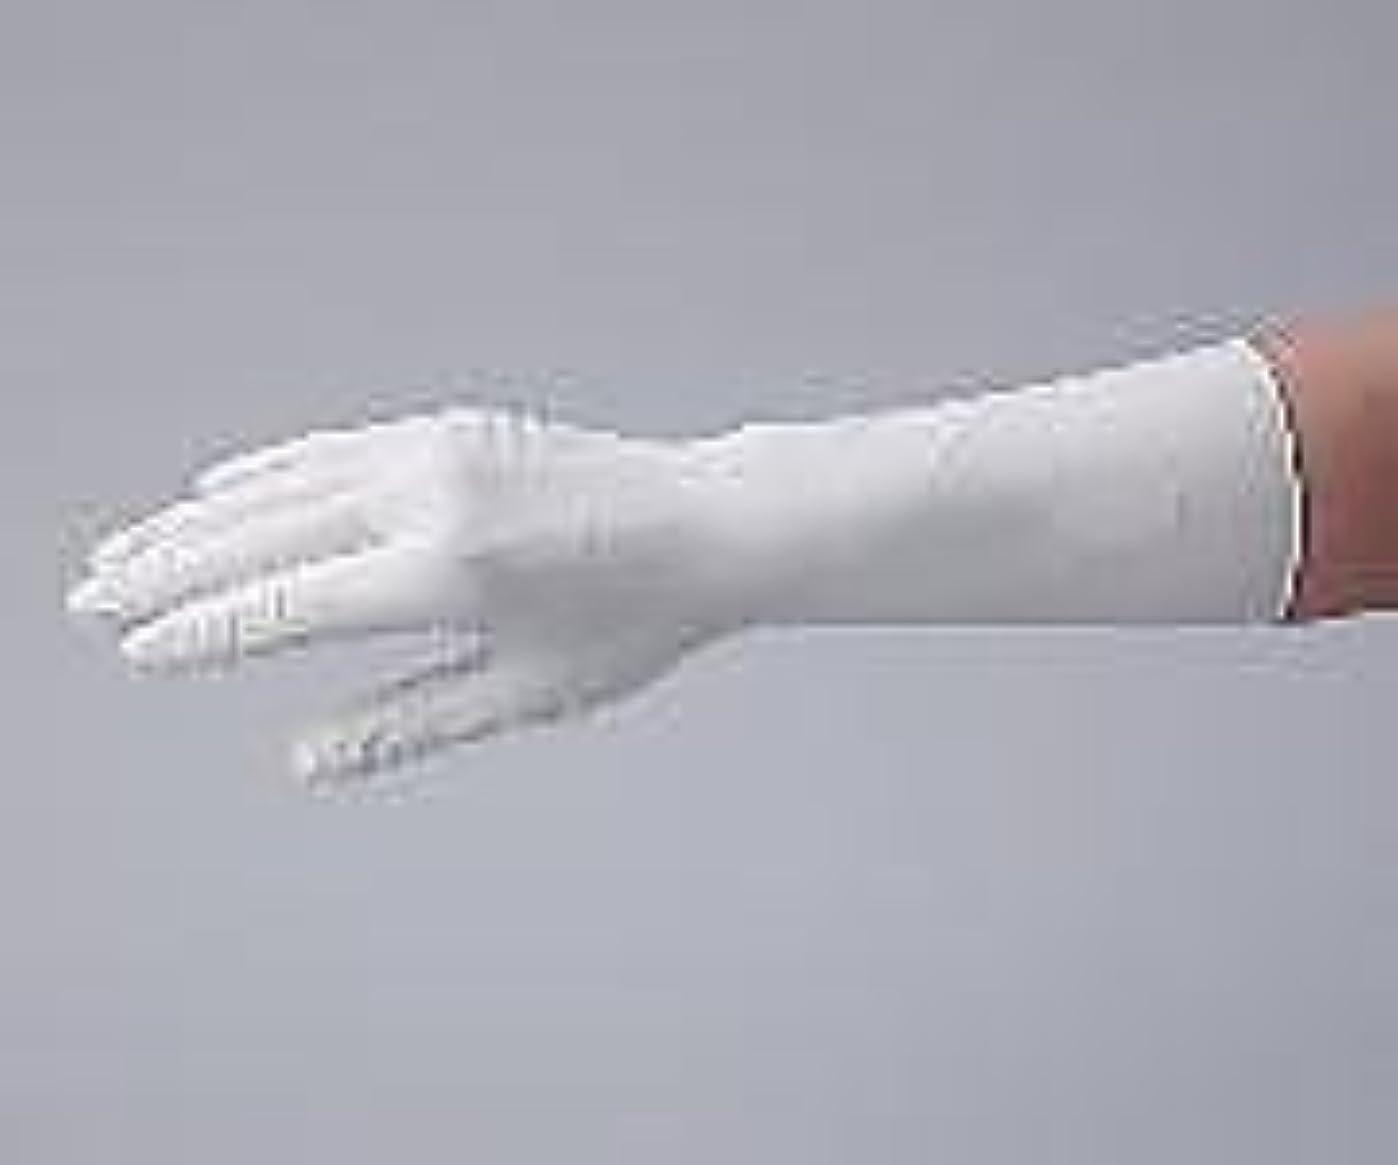 橋ゴールデン拡大するアズピュア(アズワン)1-2324-53アズピュアクリーンファーストニトリル手袋(ペアタイプ)クリーンパックM左右各50枚×10袋入